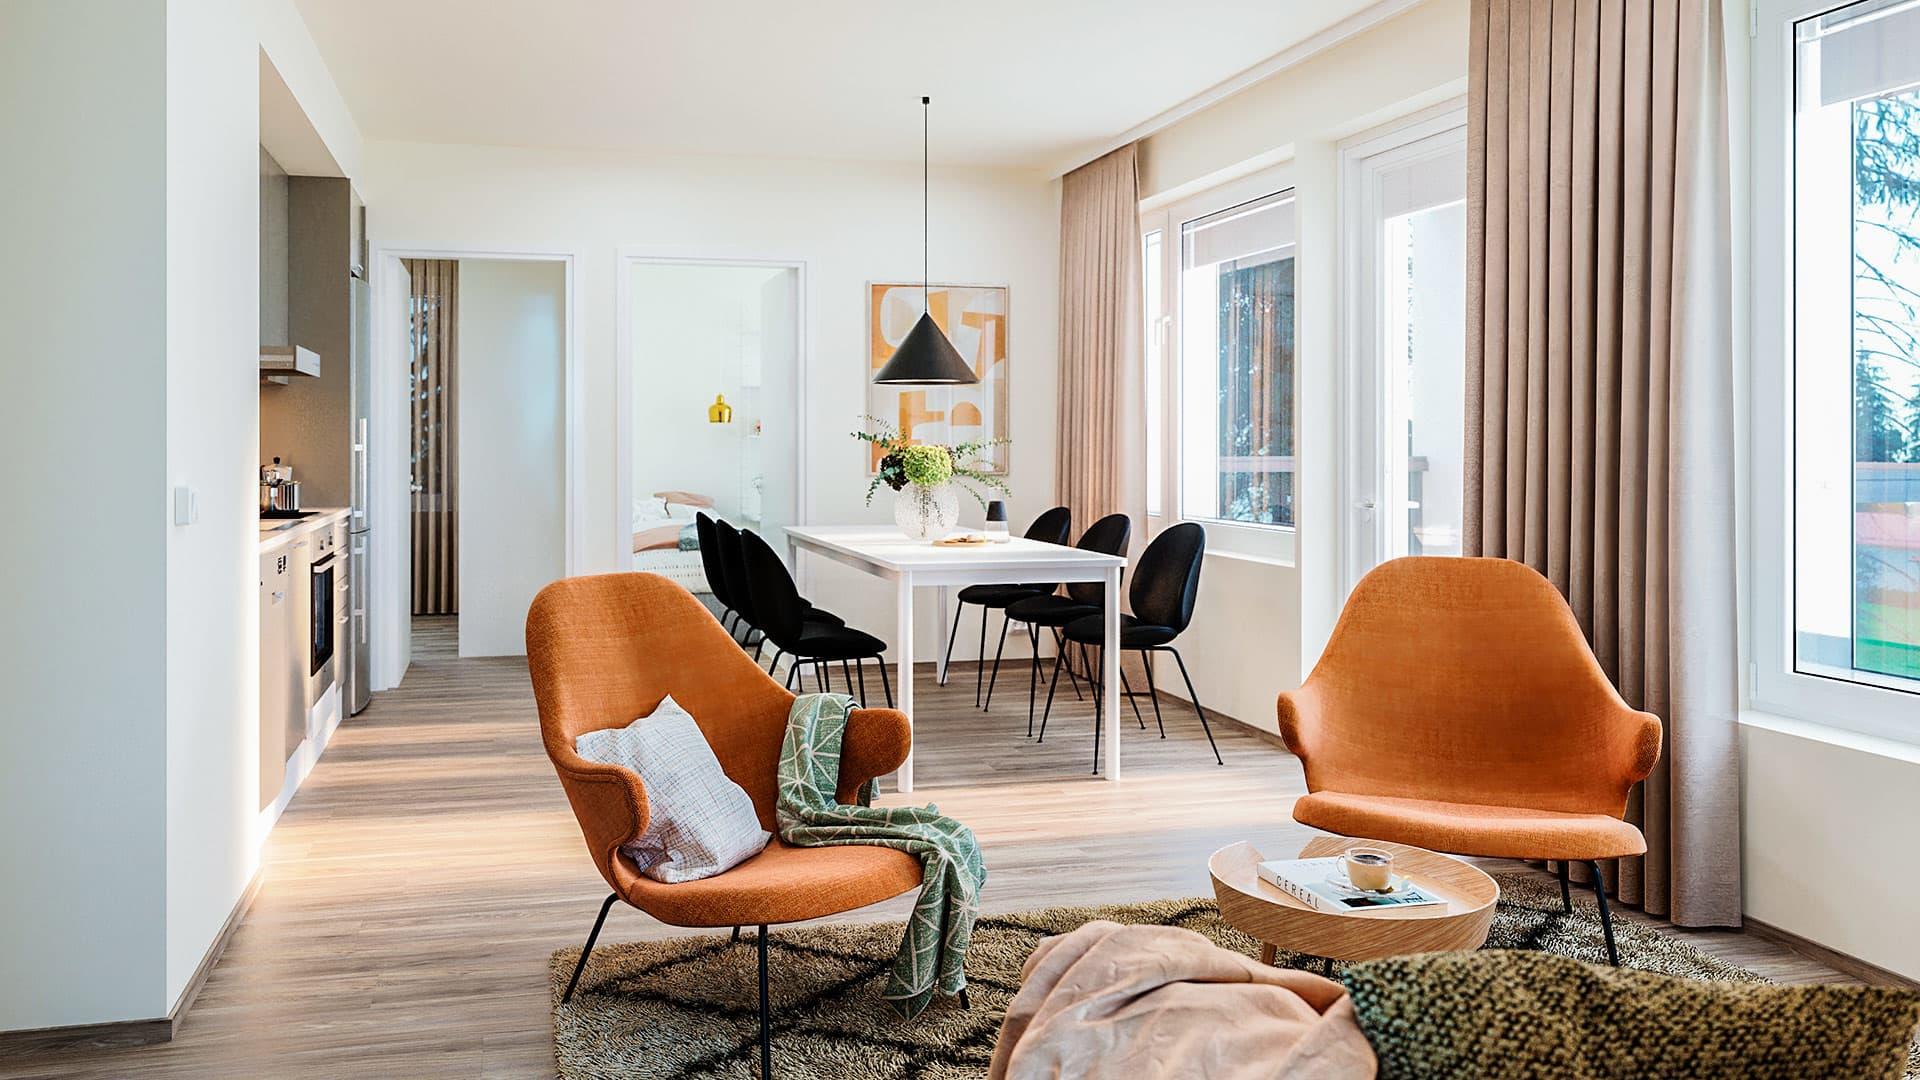 Suuntaa antava visualisointi Asunto Oy Hyvinkään Oihonnan 59 m2 asunnosta. YIT Koti.